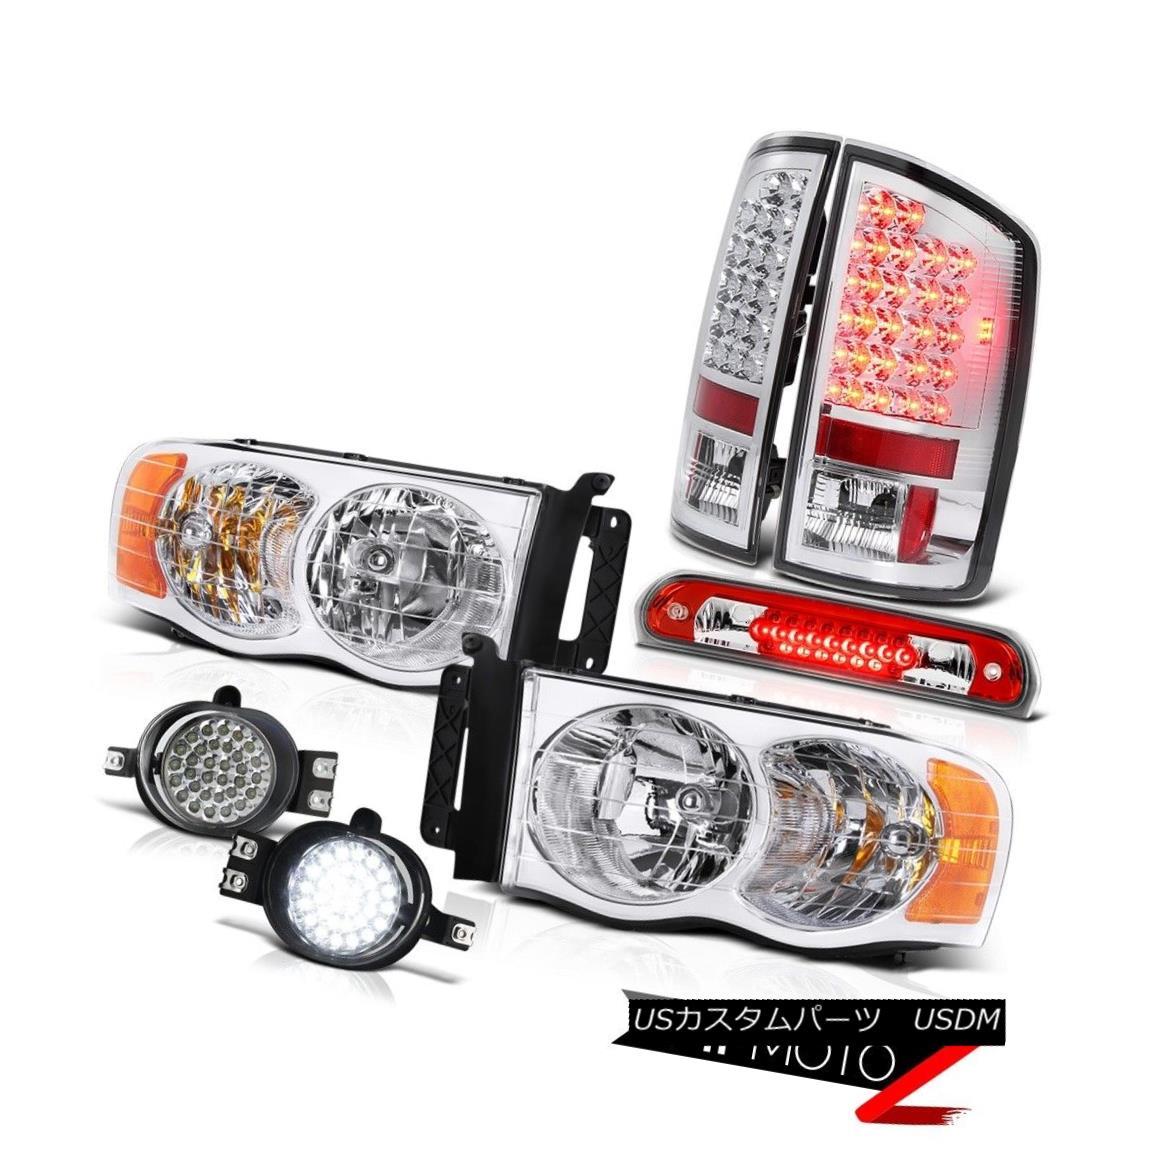 テールライト 02-05 Ram 3500 Chrome Headlamps LED Tail Lights D.R.L Fog Roof Brake Red LEDs 02-05 Ram 3500クロームヘッドランプLEDテールライトD.R.Lフォグルーフブレーキ赤色LED